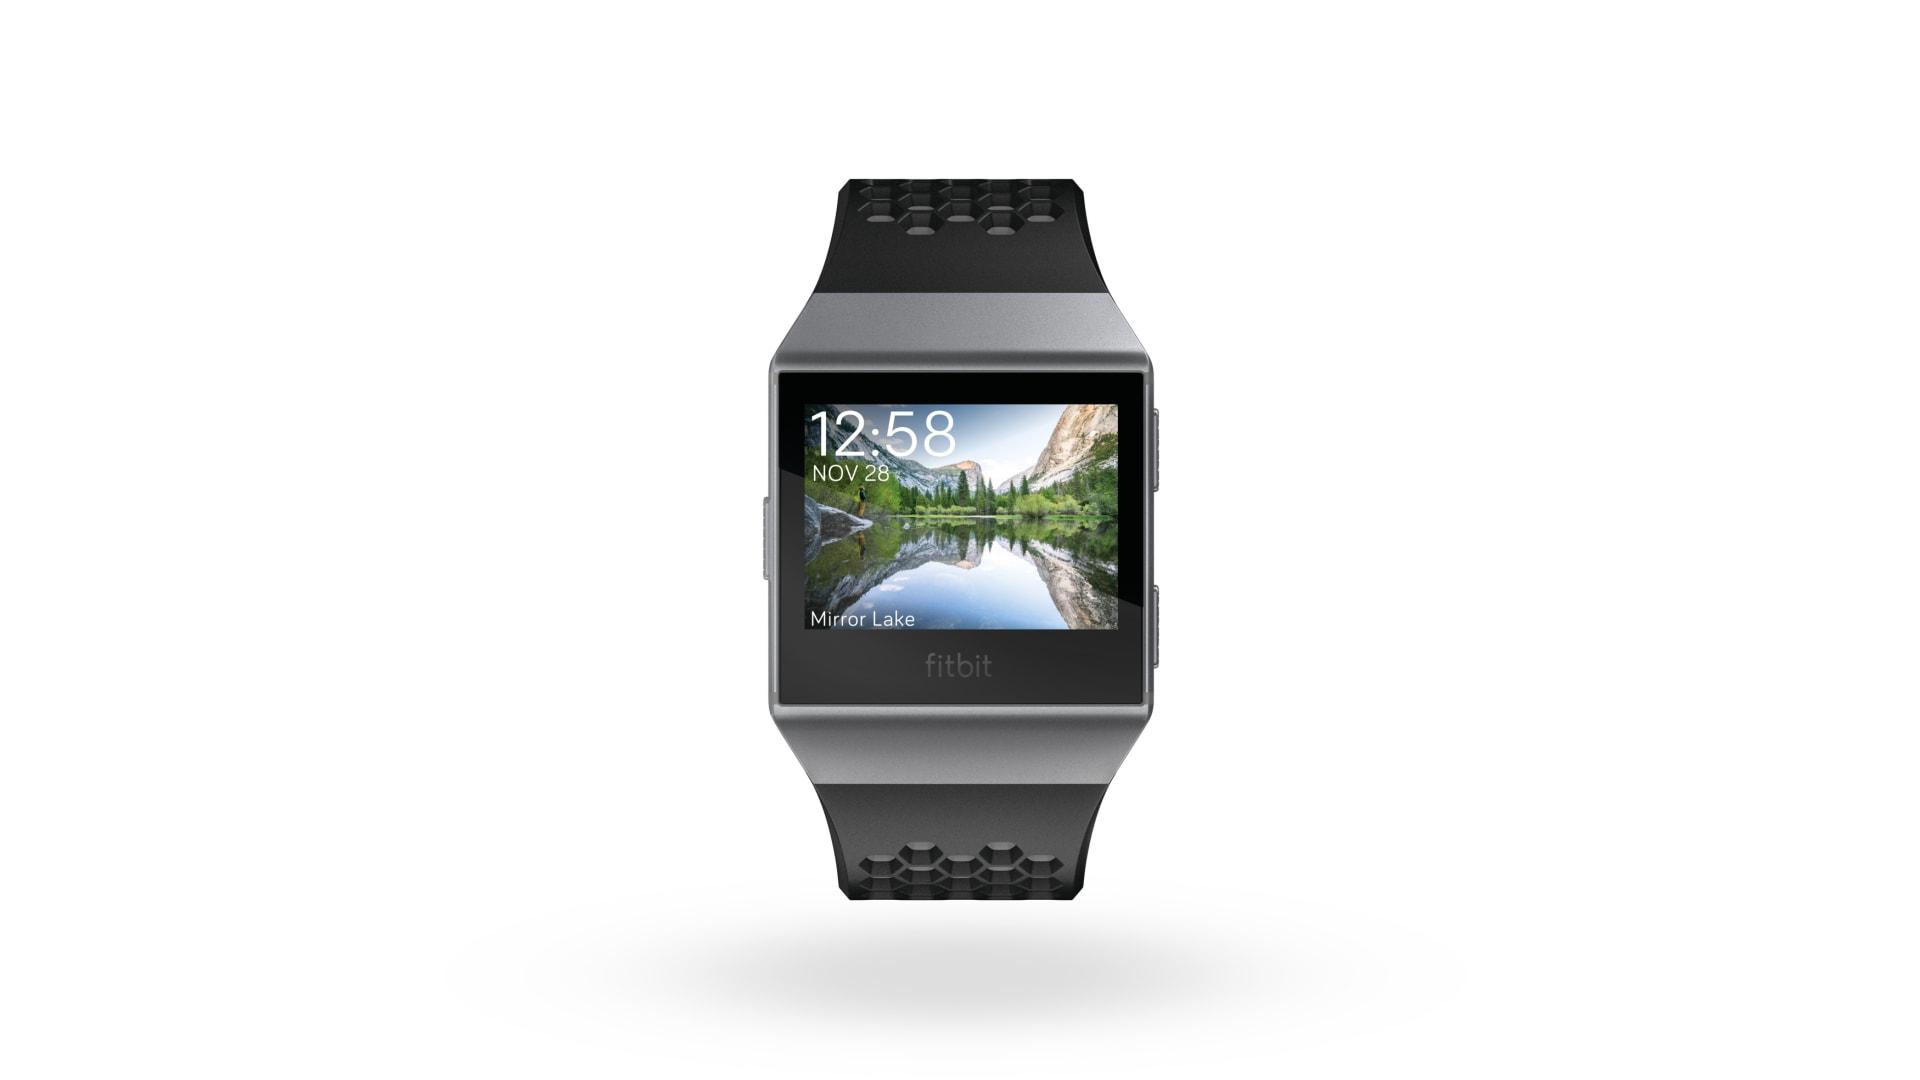 """ما هي مميزات ساعة """"Ionic"""" الذكية من """"Fitbit""""؟"""